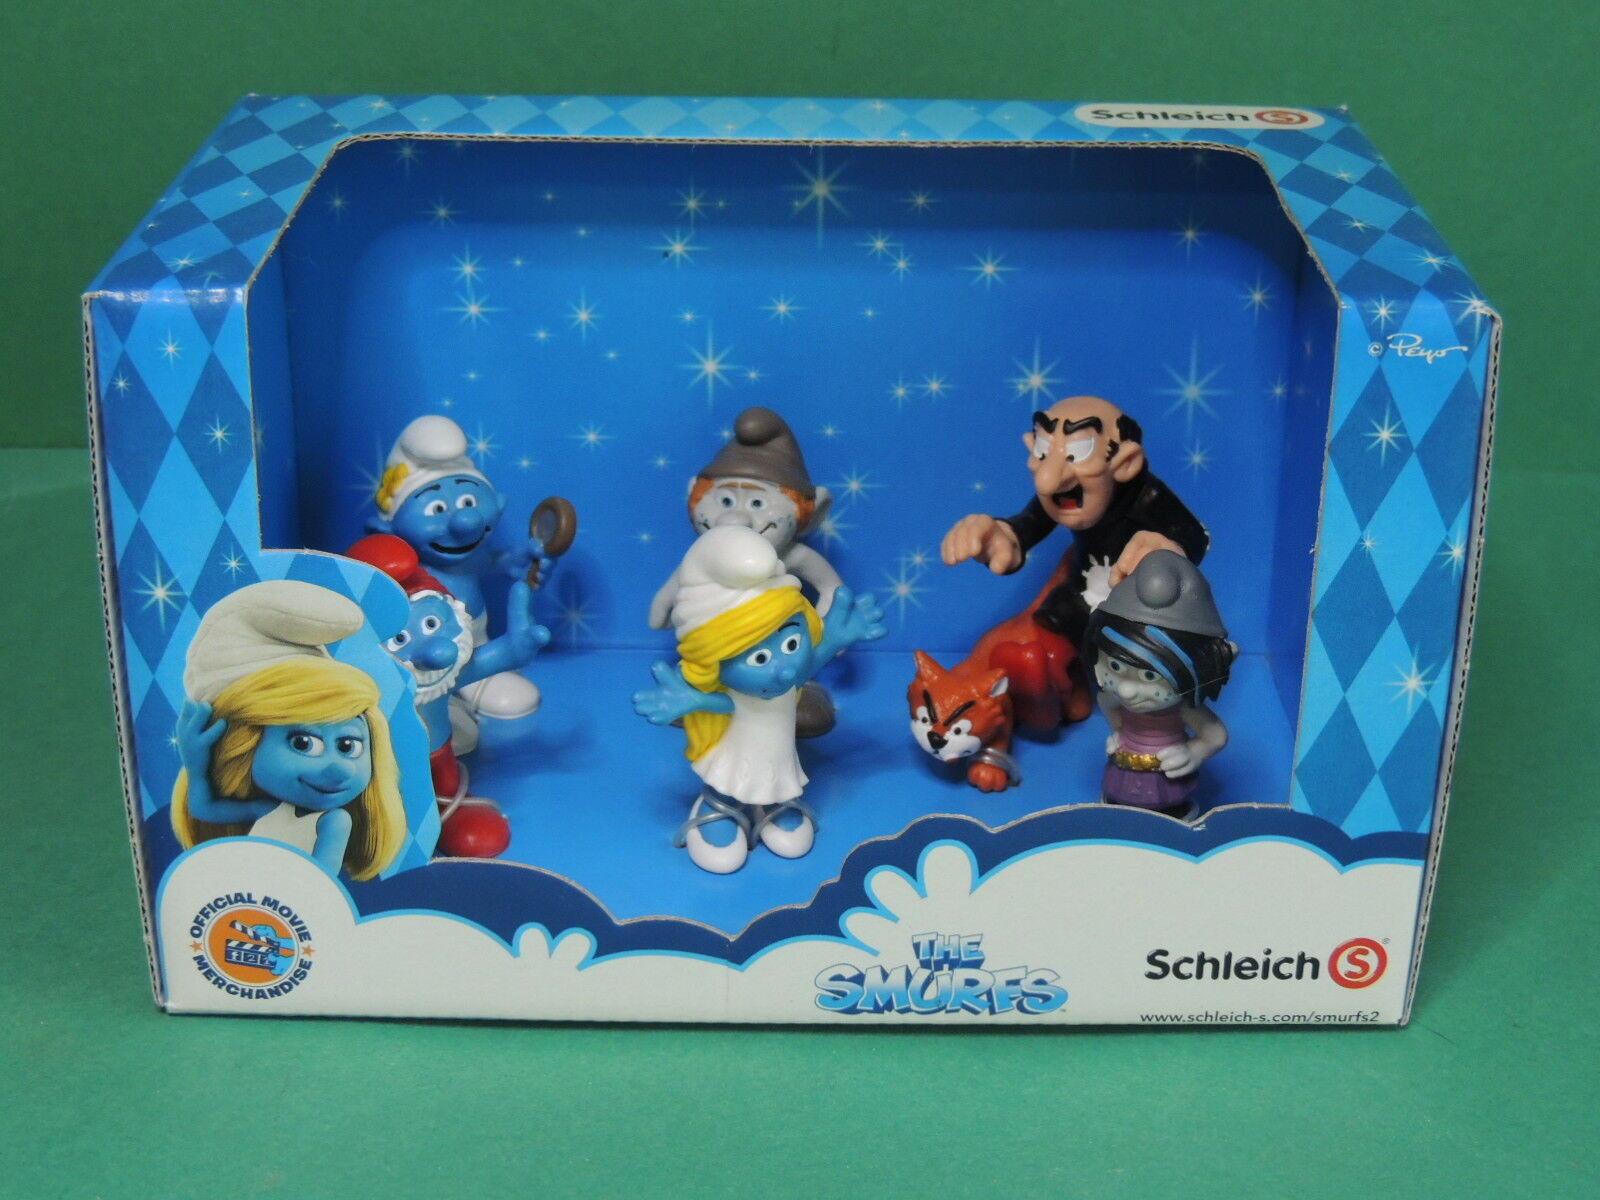 41339 Schtroumpf Set du film 2 The Smurfs II Schleich in 3D Movie Schleich II Smurf figurine 37297a